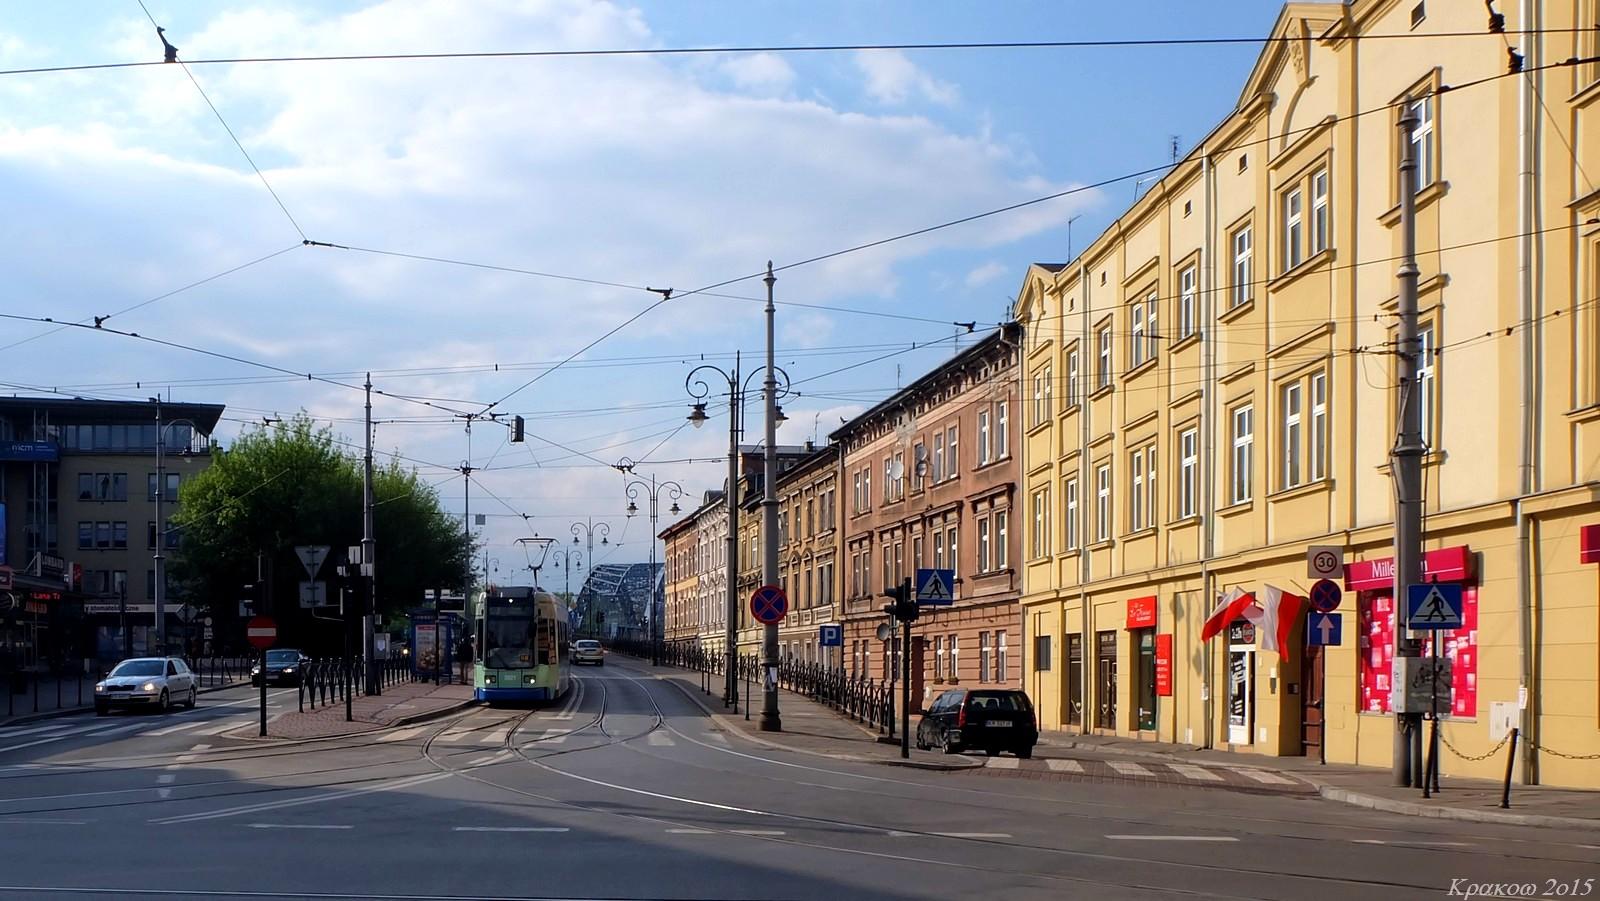 Legionów Józefa Piłsudskiego, Krakow, Poland